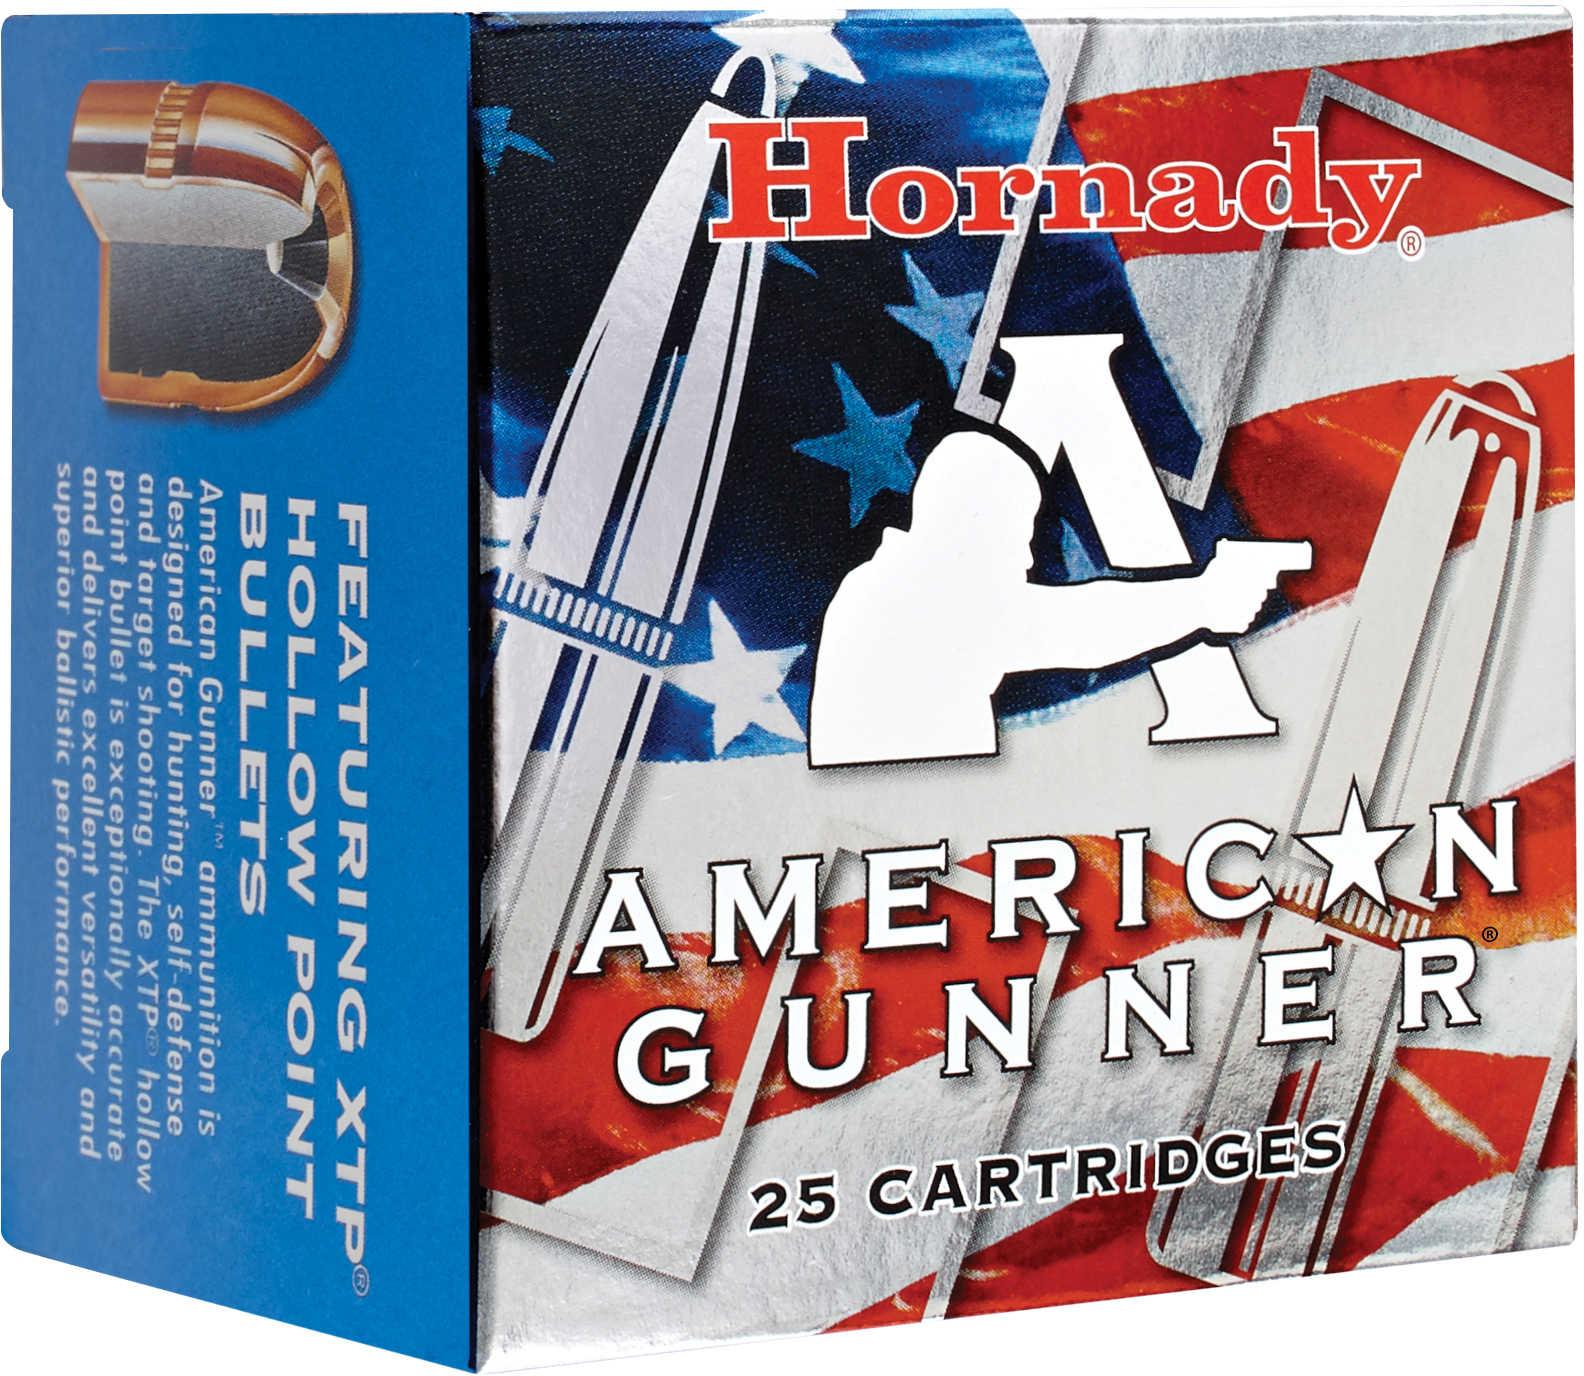 Hornady 9mm Luger +P, 124 Gr, XTP, American Gunner (Per 25) Md: 90224